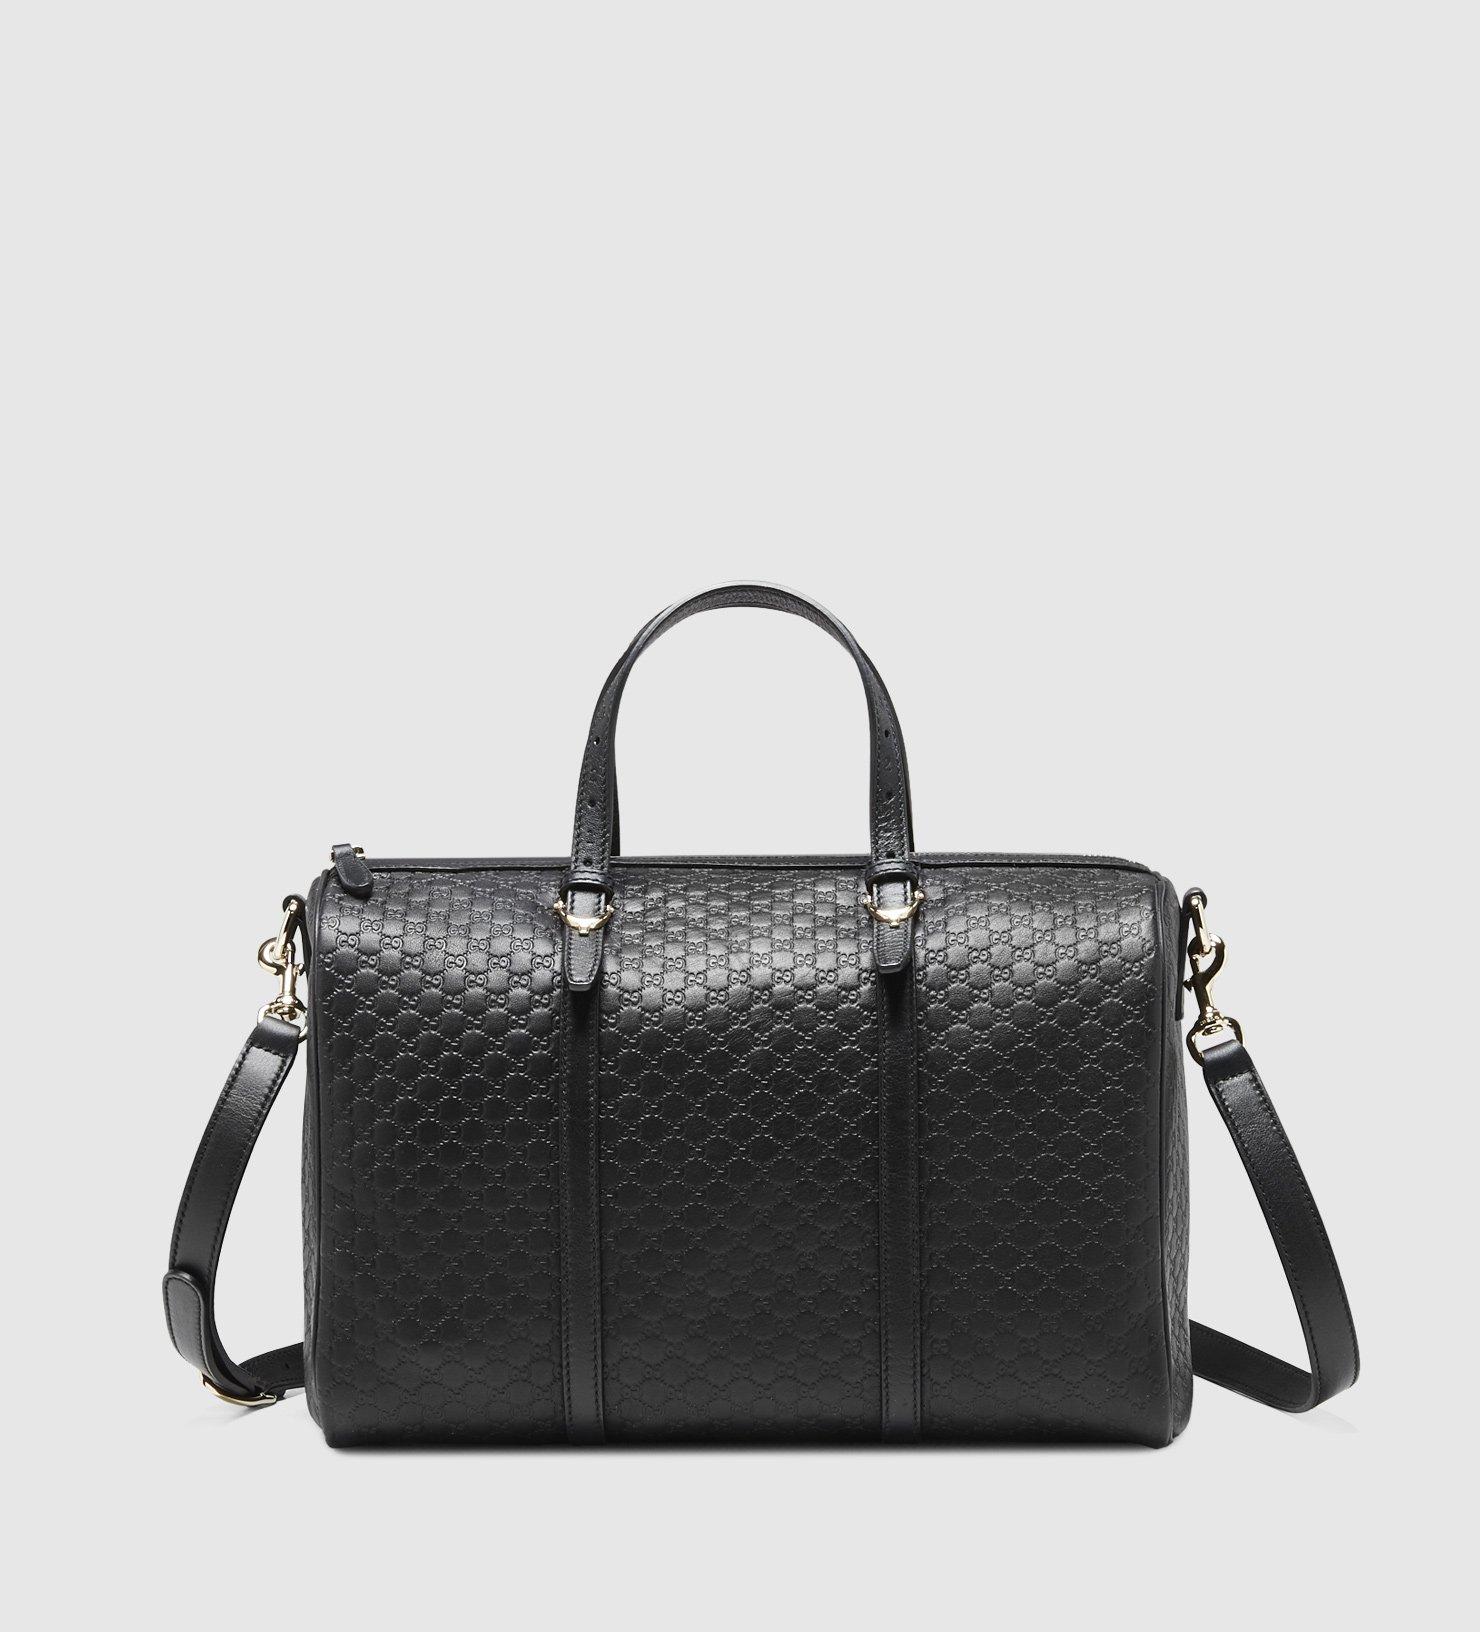 76da63d143e7 Gucci Boston Bag Black | Stanford Center for Opportunity Policy in ...